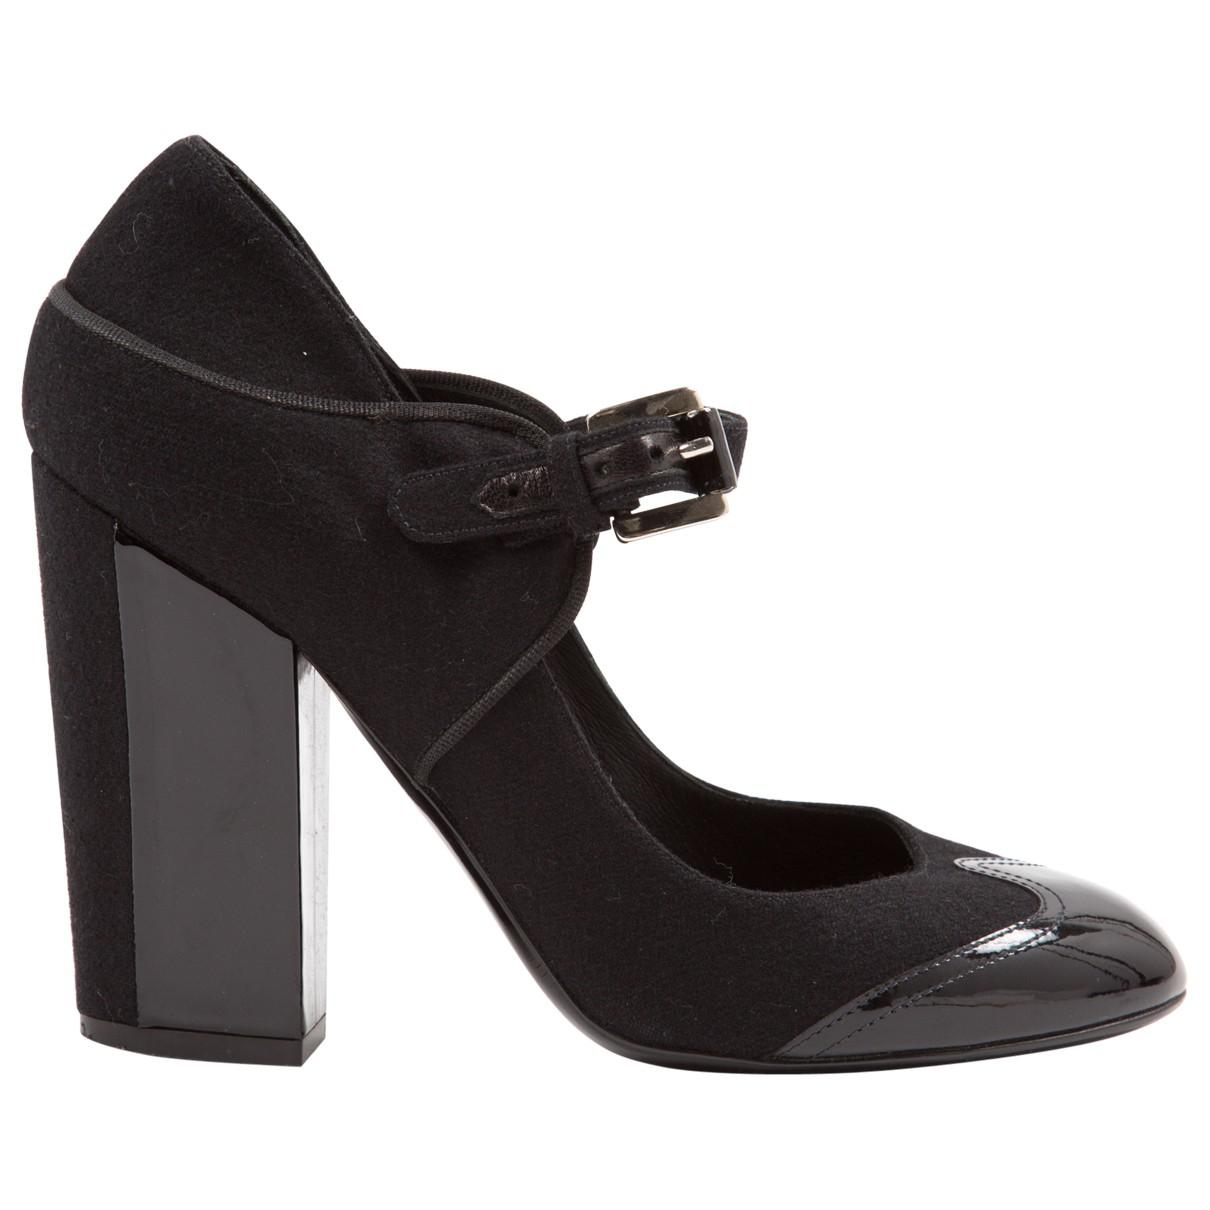 Pre-owned - Black Heels Chanel 0MLJUEFnff